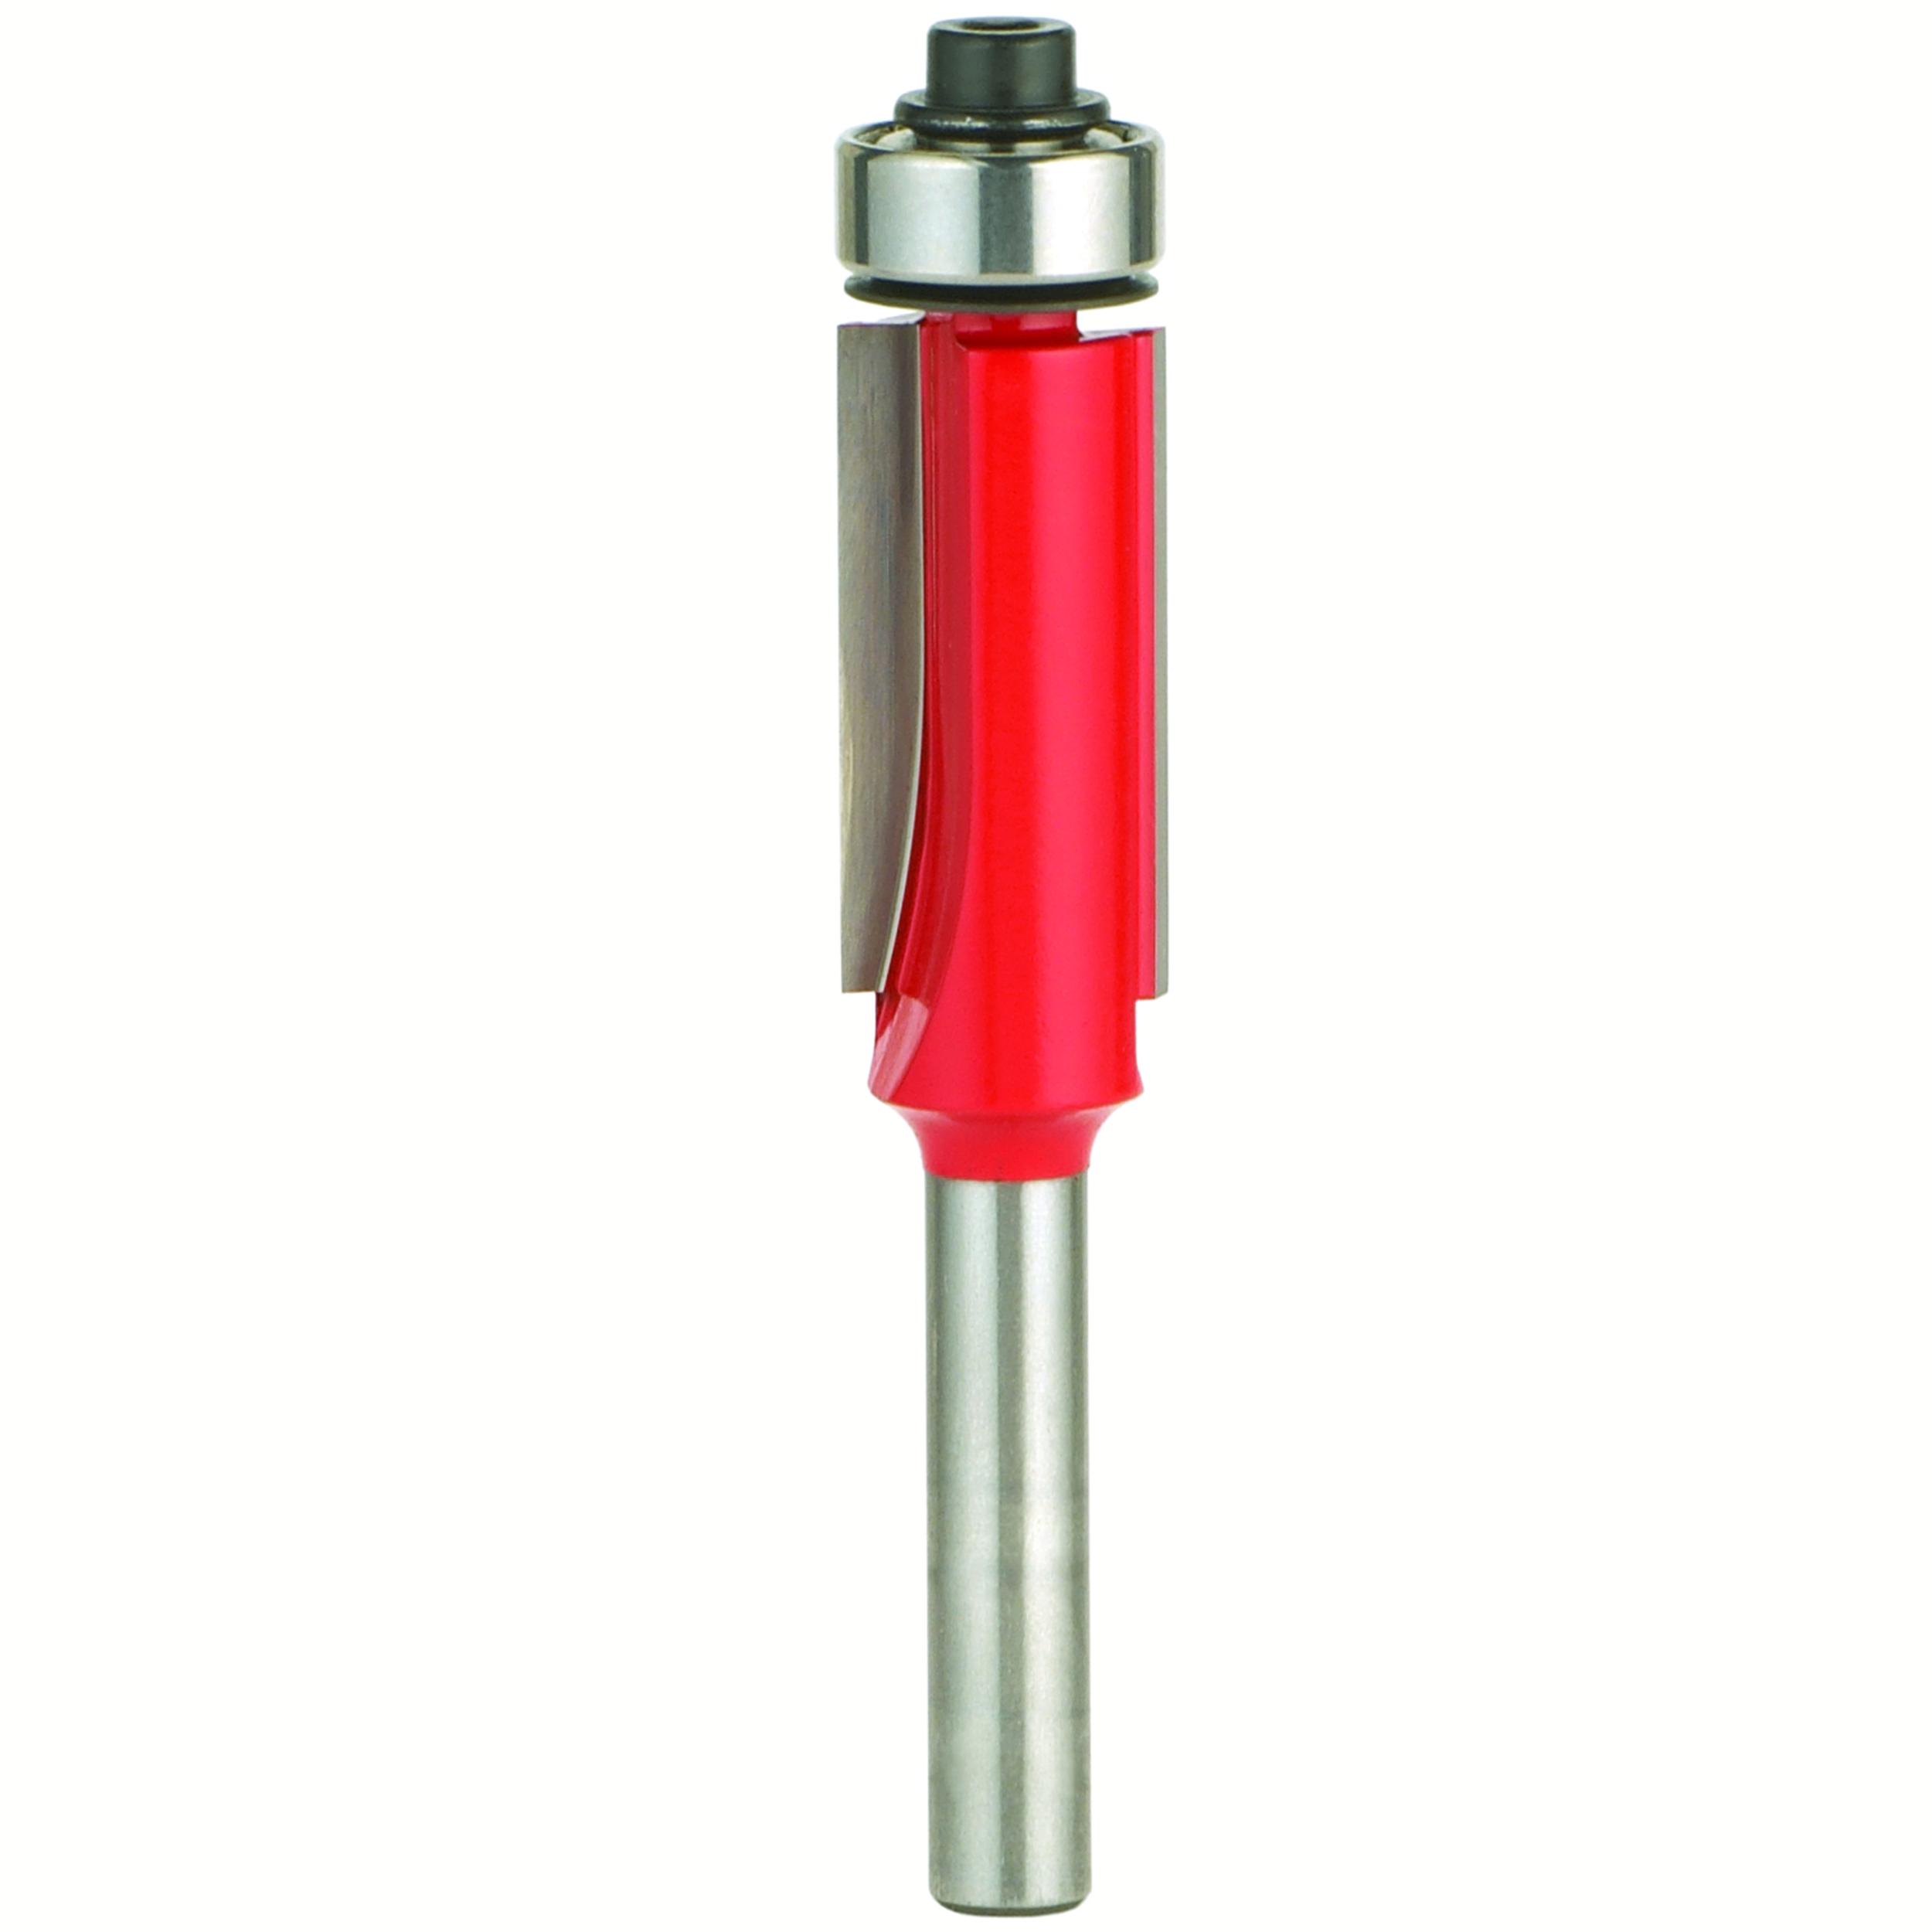 42-110 Flush Trim Router Bit 1/2